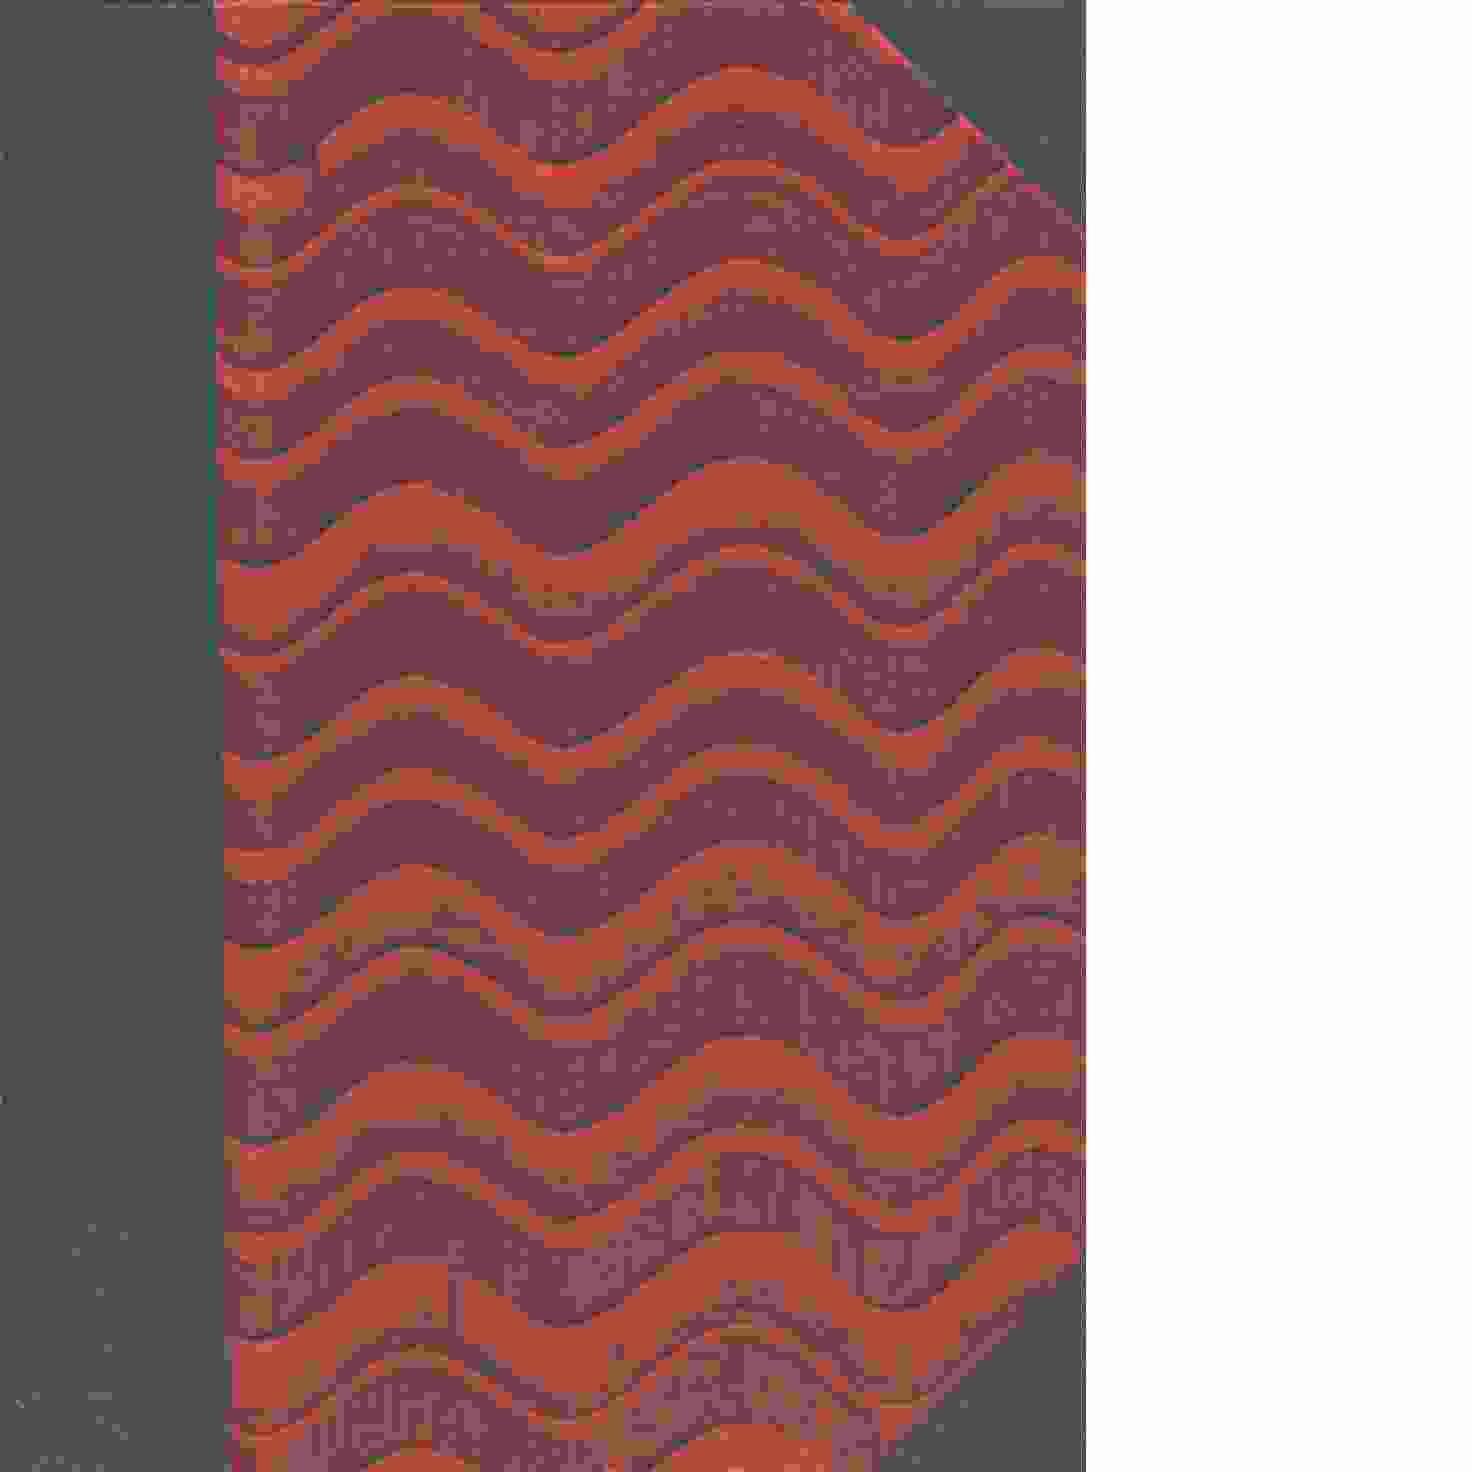 Samlade visor [Musiktryck] / Evert Taube. 1, , Sju sjömansvisor ; Byssan lull ; Flickan i Havanna och Fritiof Anderssons visbok samt Himlajord - Taube, Evert